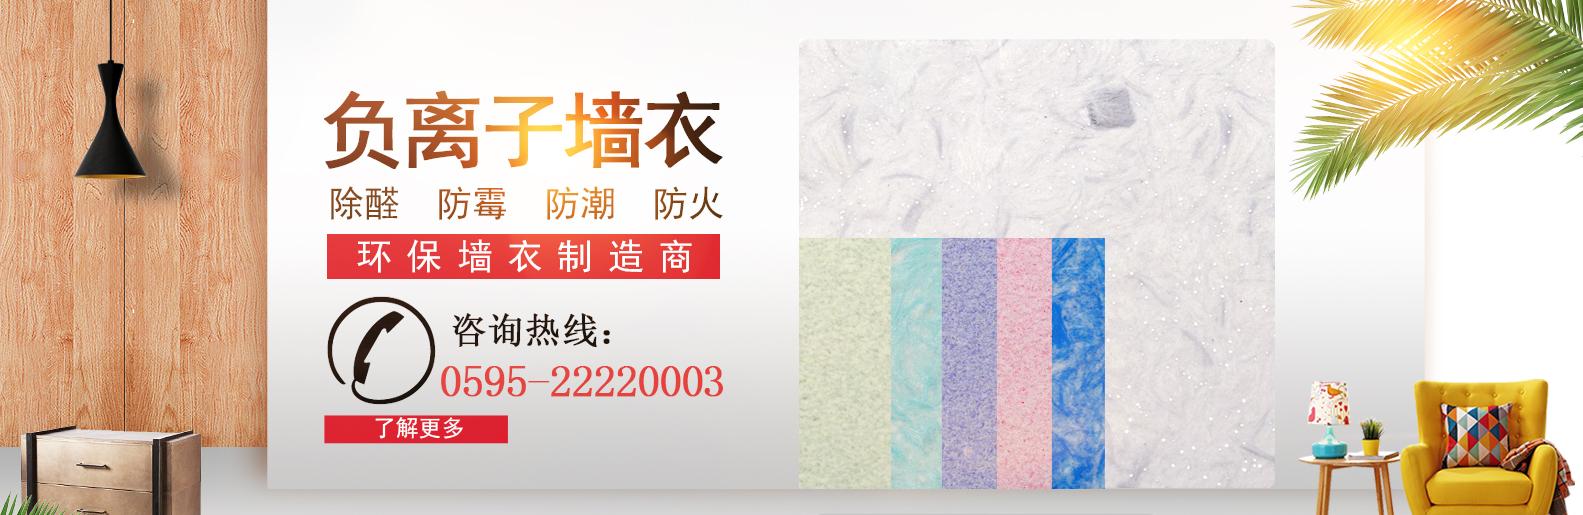 奇迹(福建)新材料有限公司